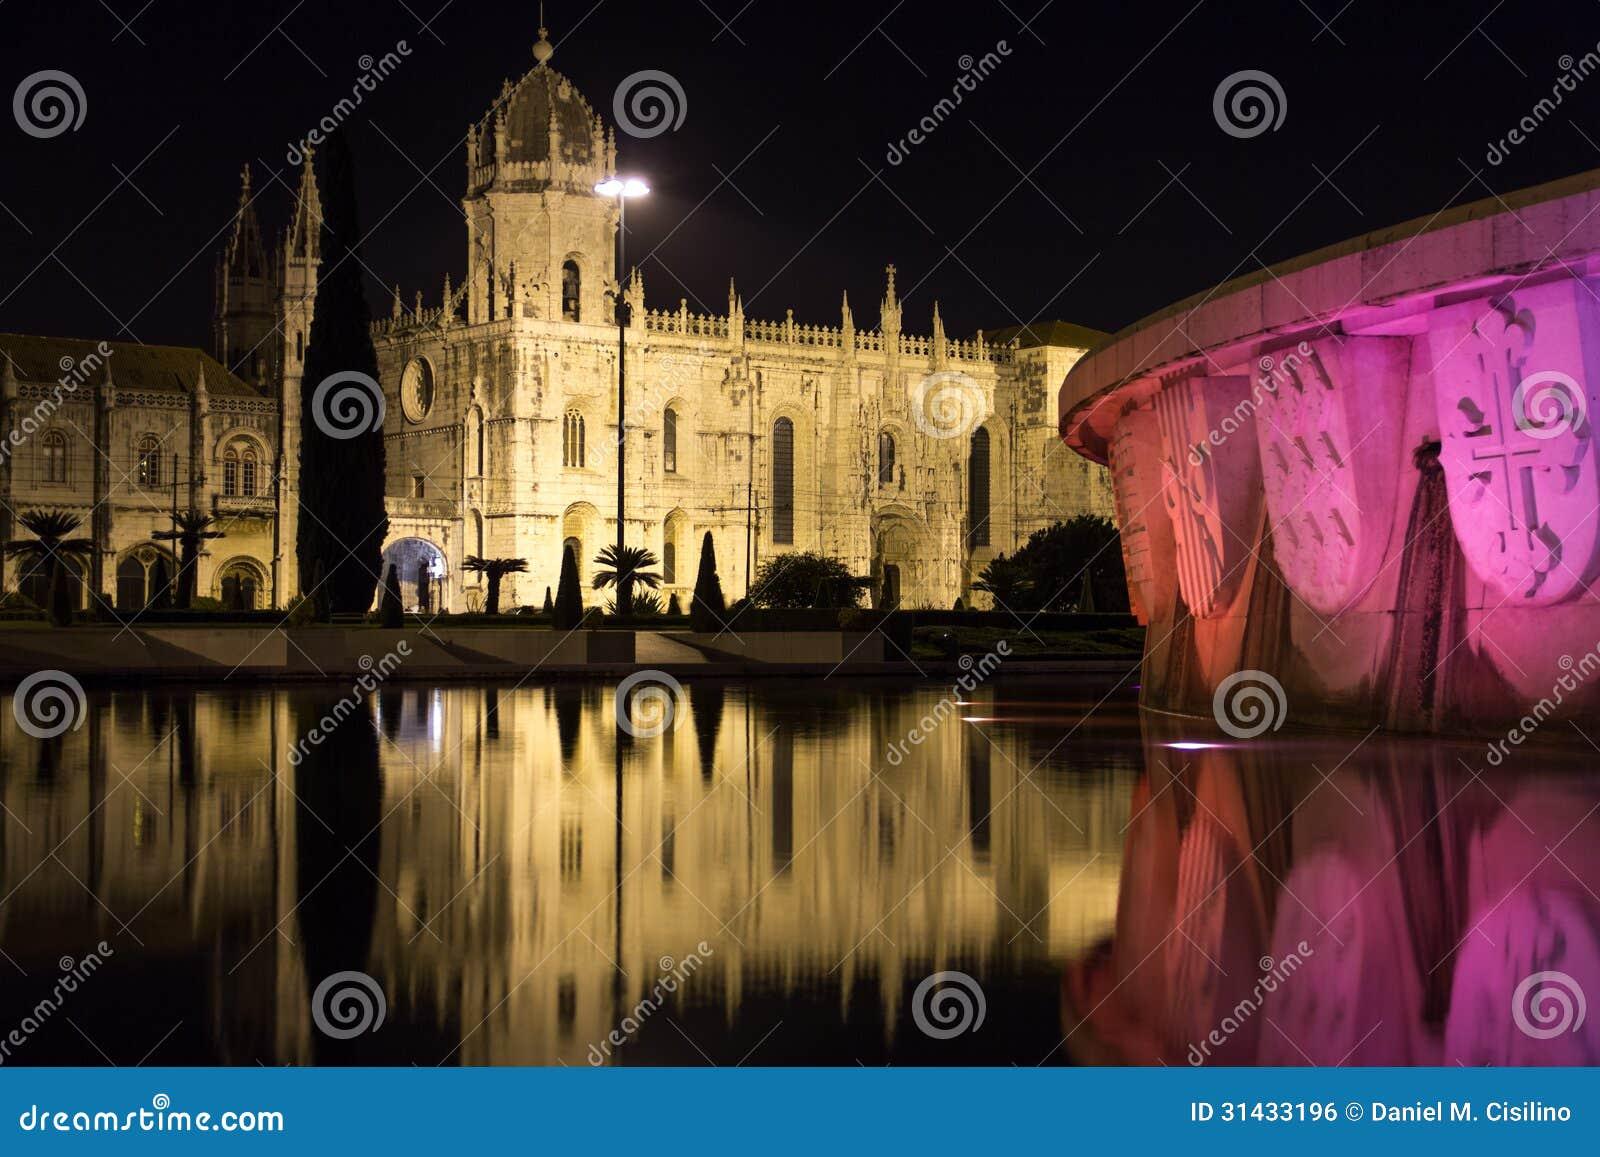 Monasteiro DOS Jeronimos på natten.  Lissabon. Portugal